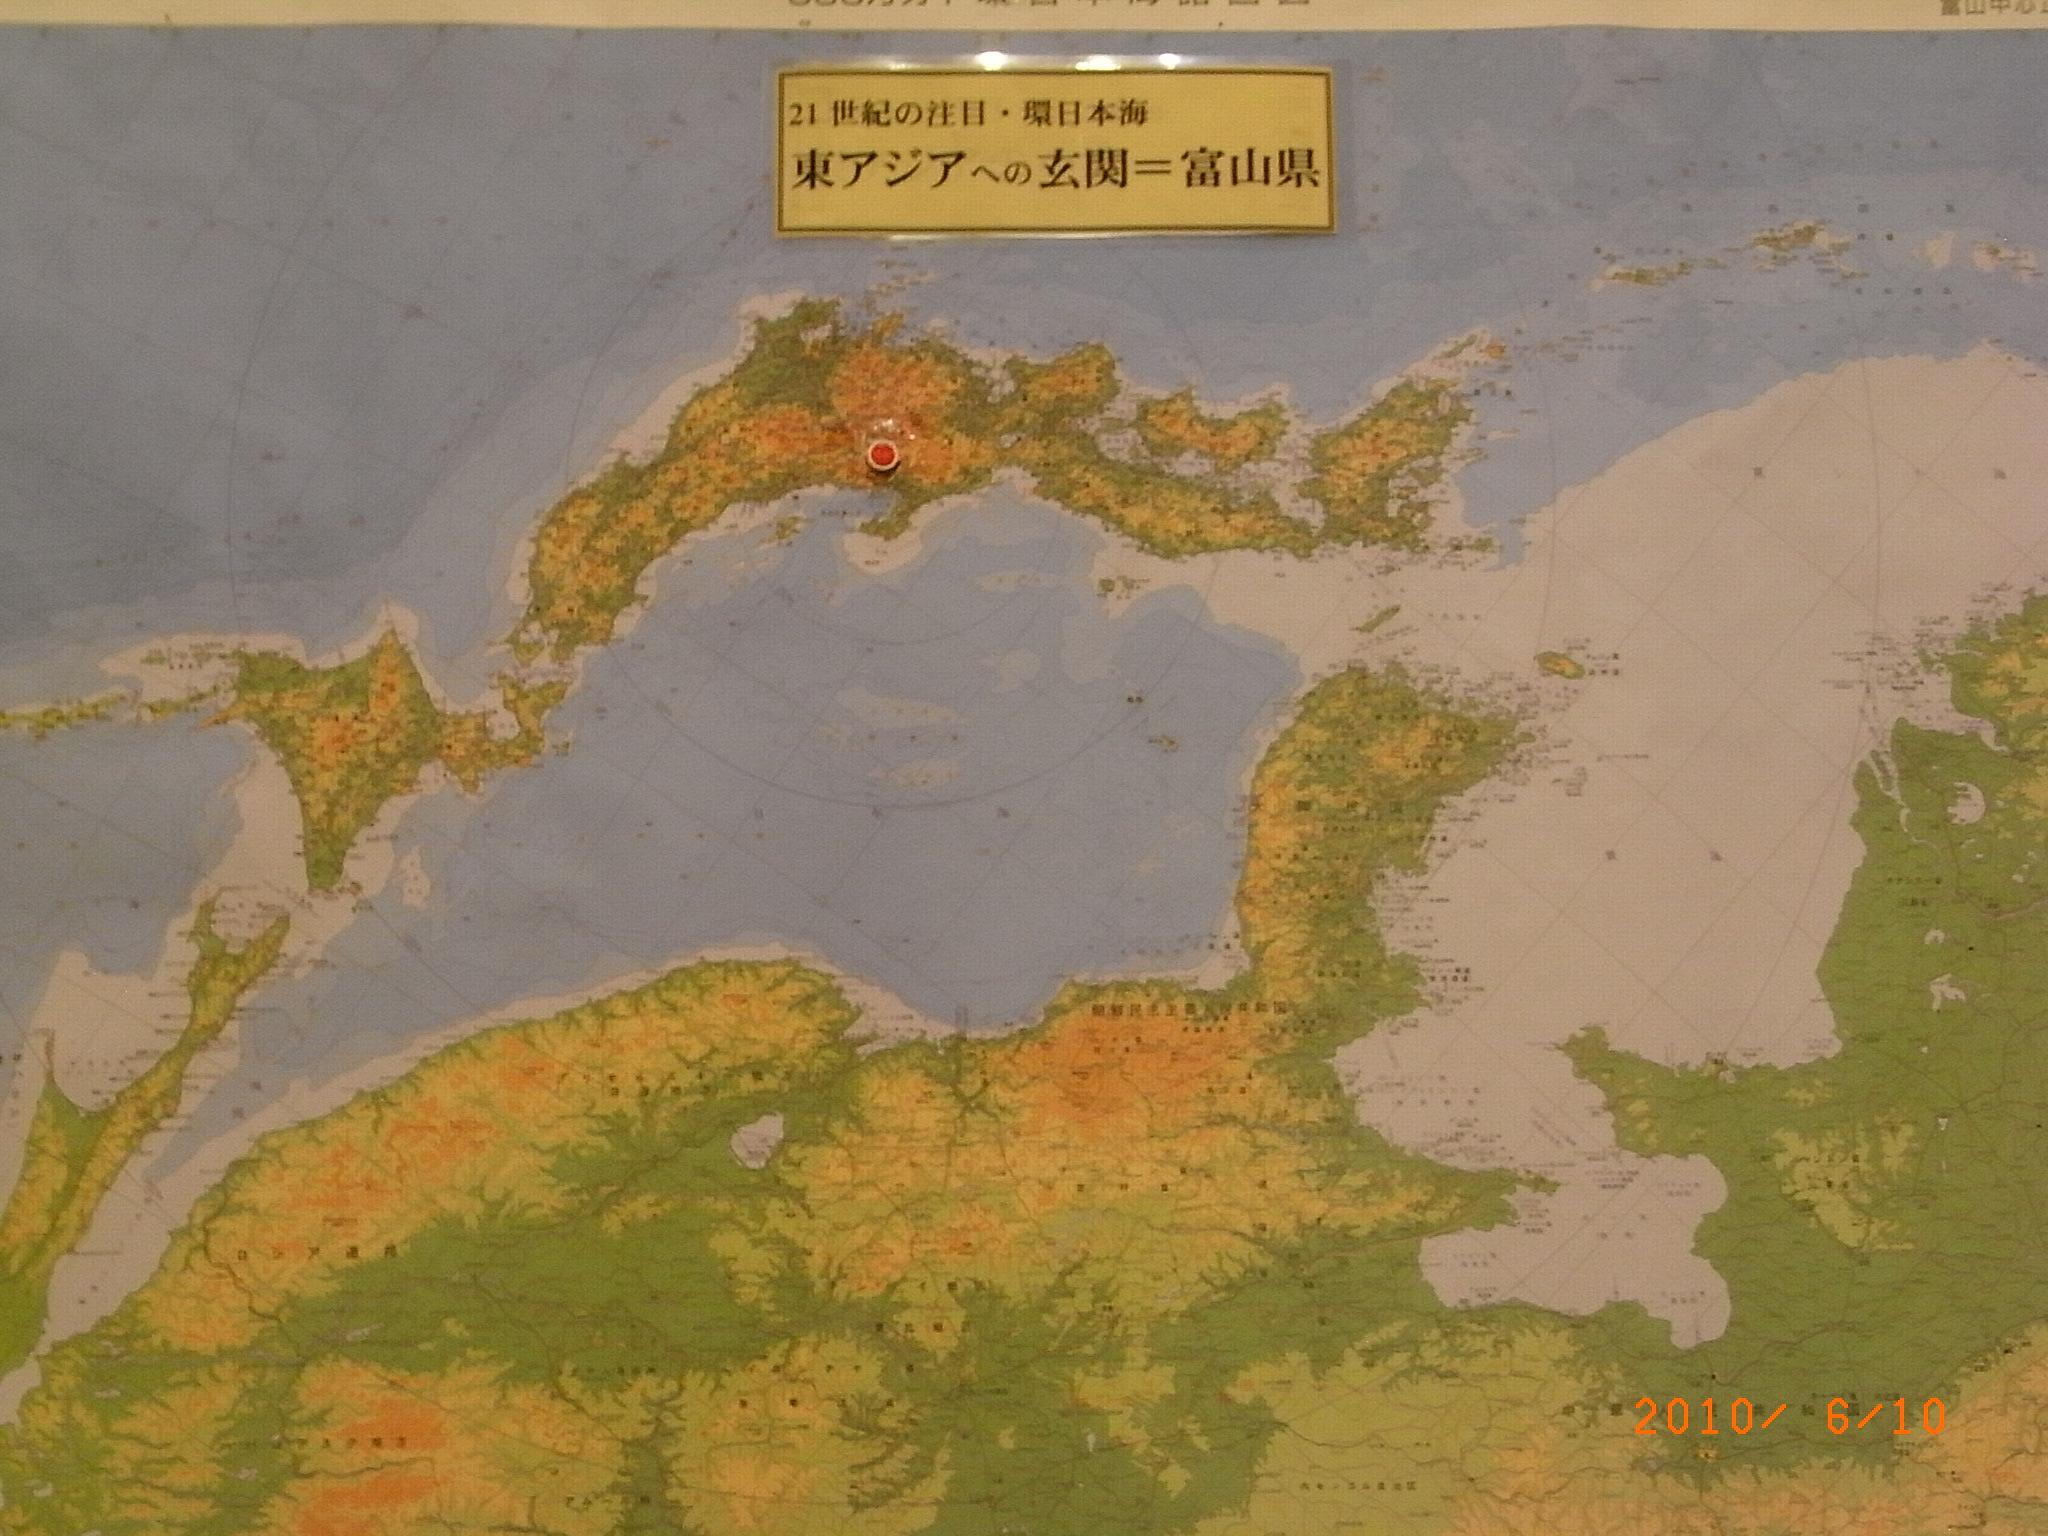 各国共同发展俄罗斯远东地区